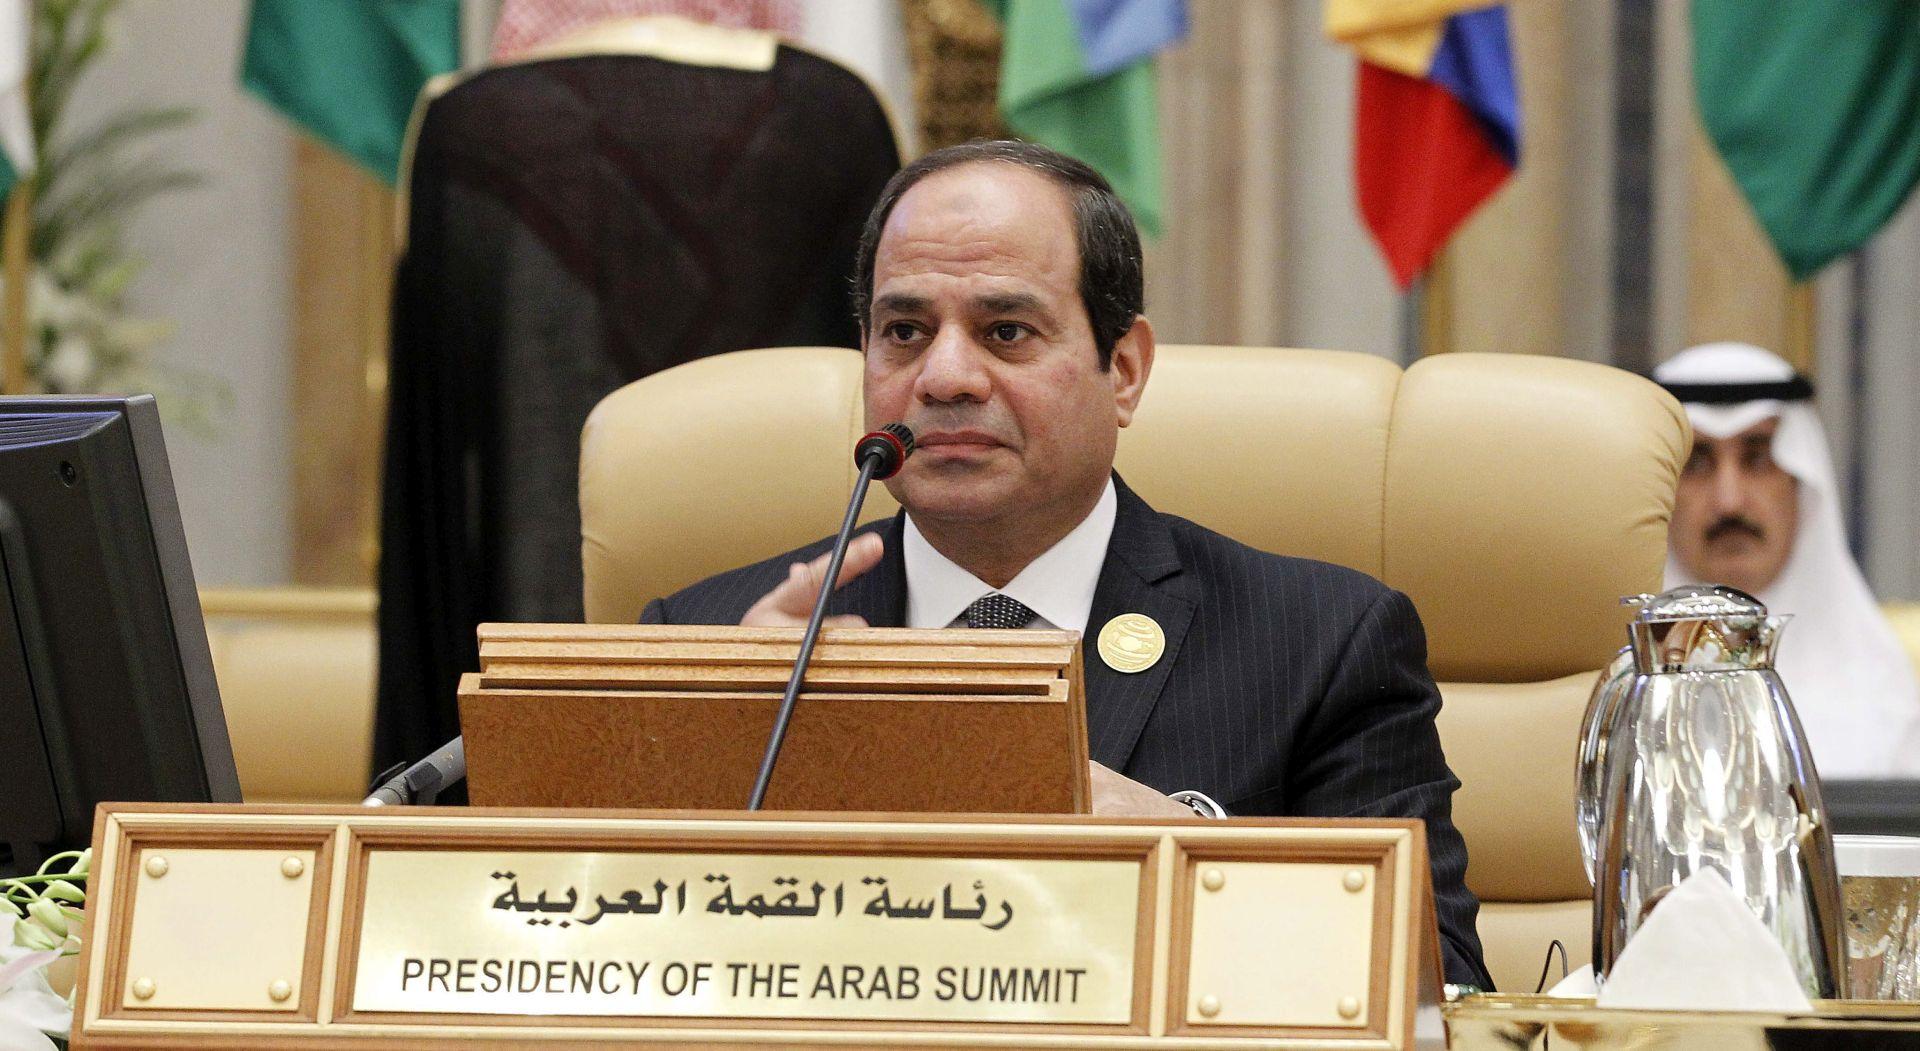 Egipat: Al Sisi nakon rušenja zrakoplova obećao jačanje sigurnosti u zemlji